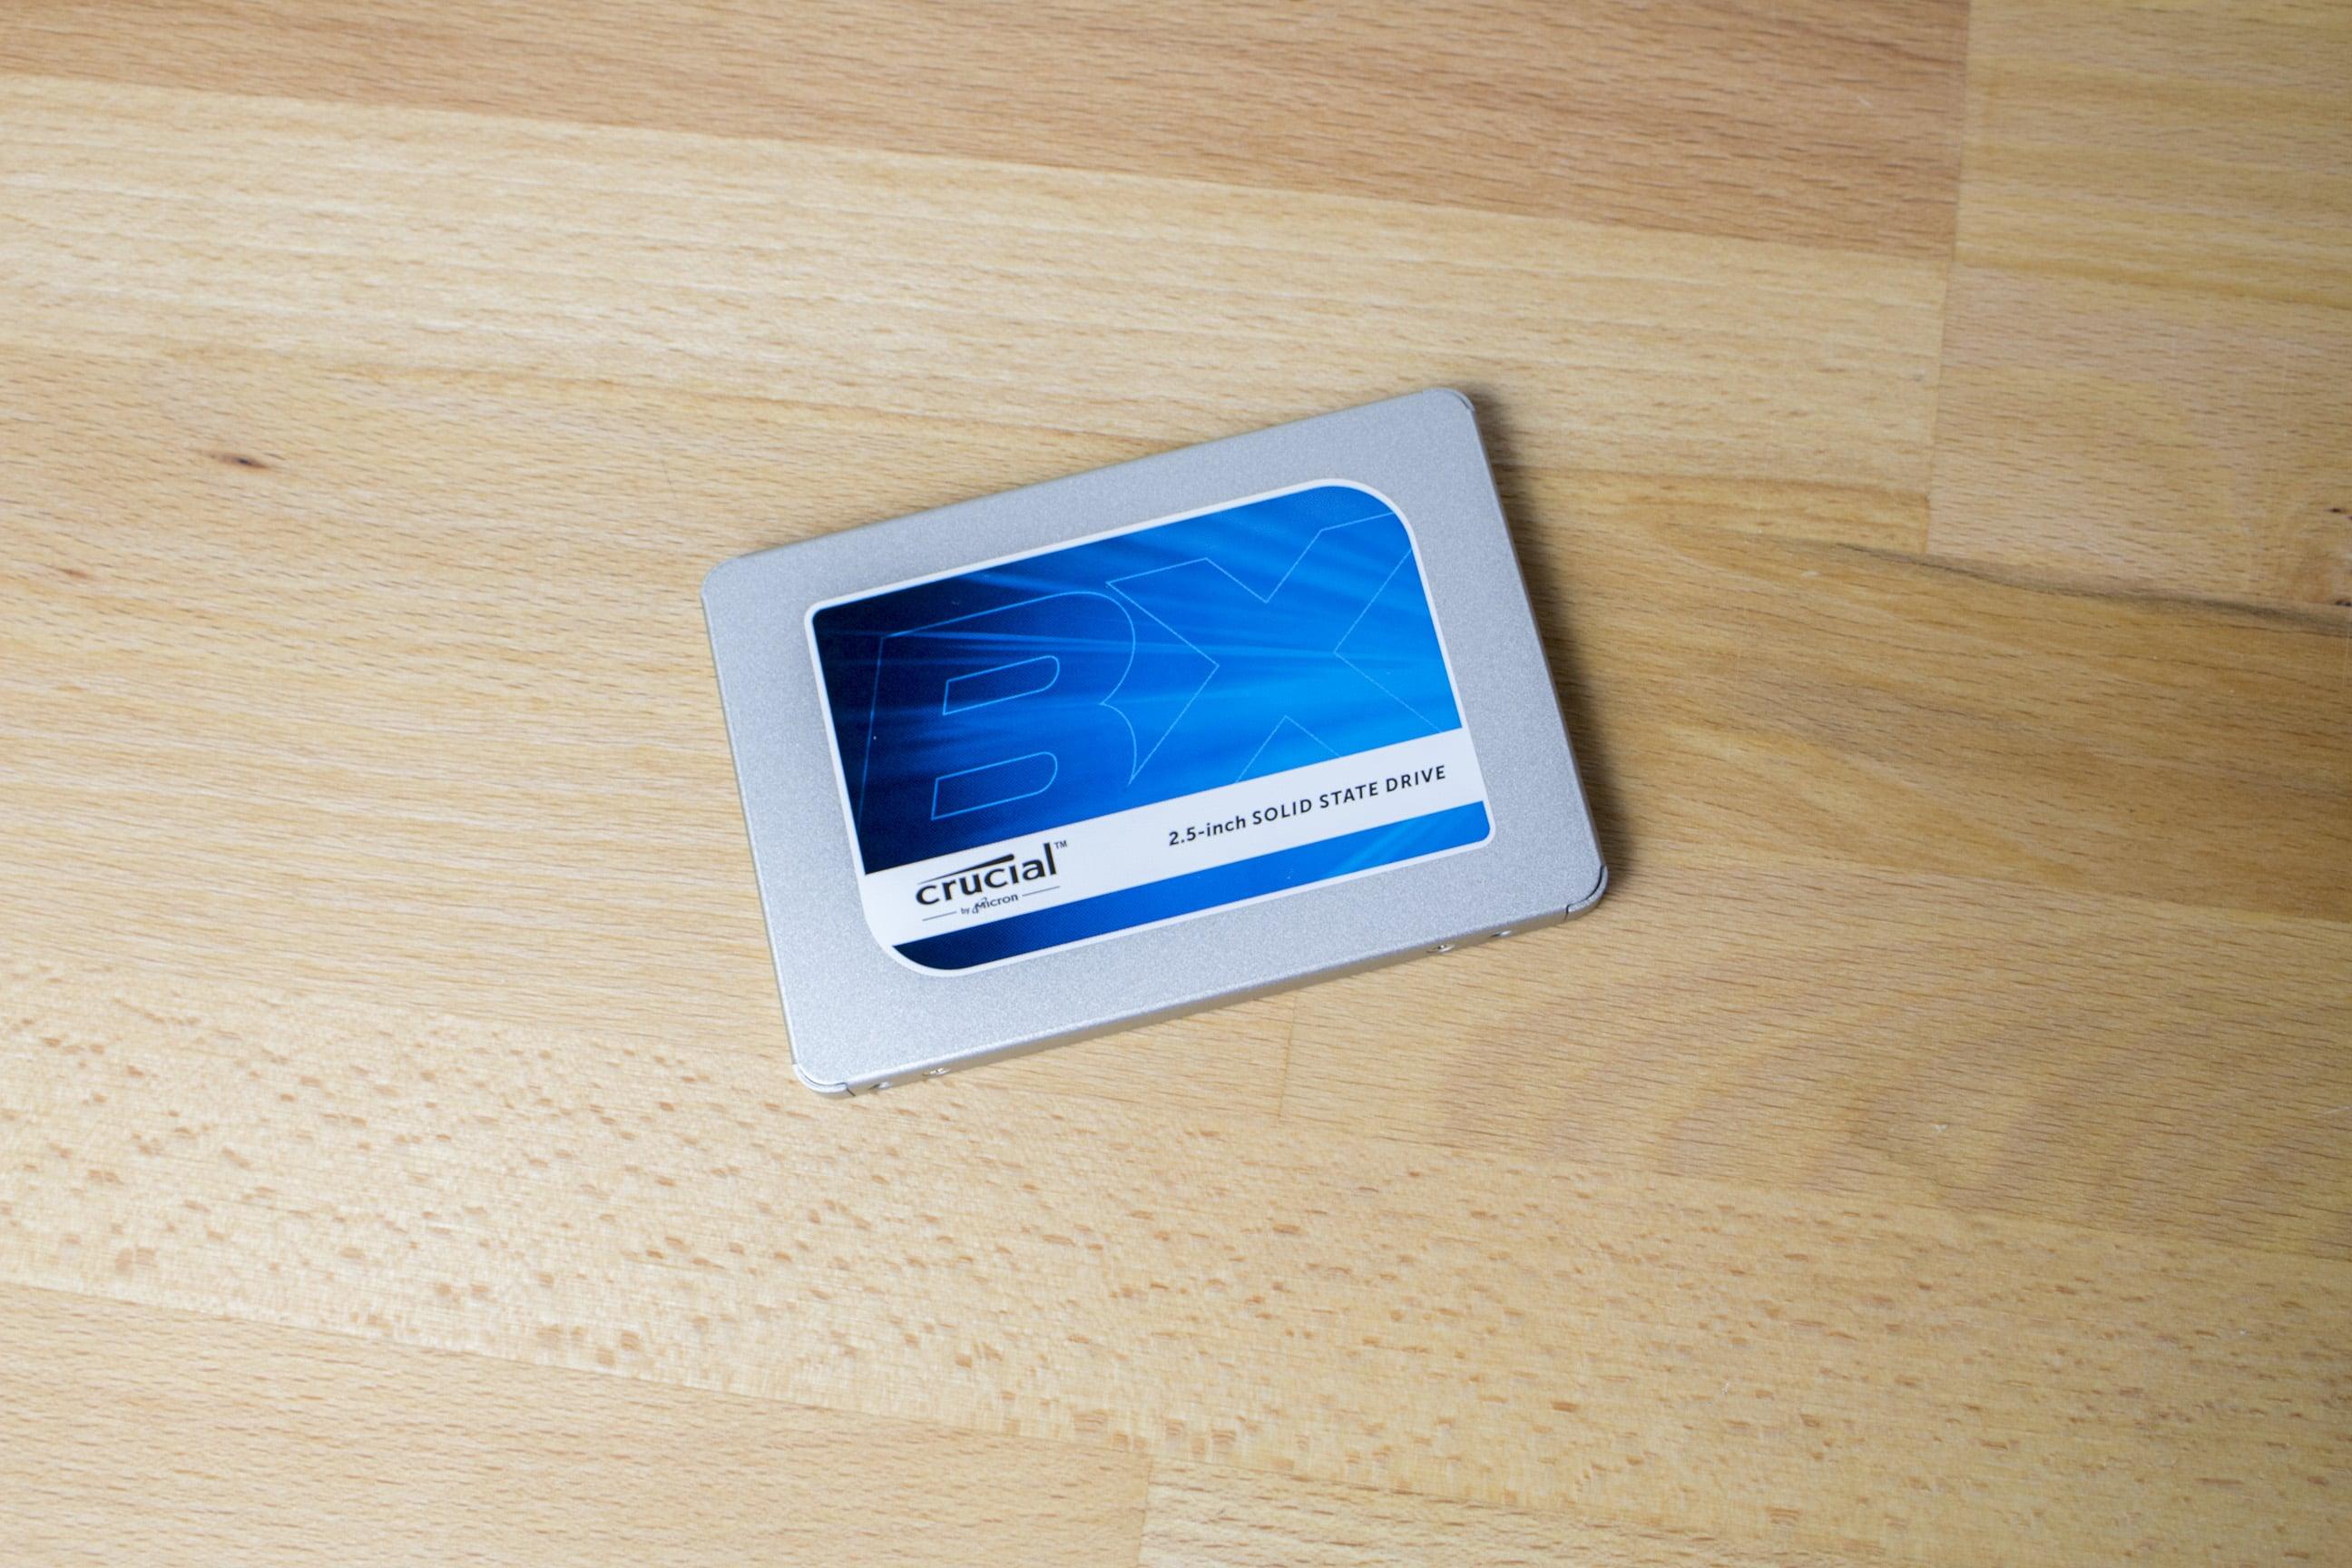 Bild von SSDs: Was sie sind, wie sie funktionieren und was darüber hinaus wichtig ist